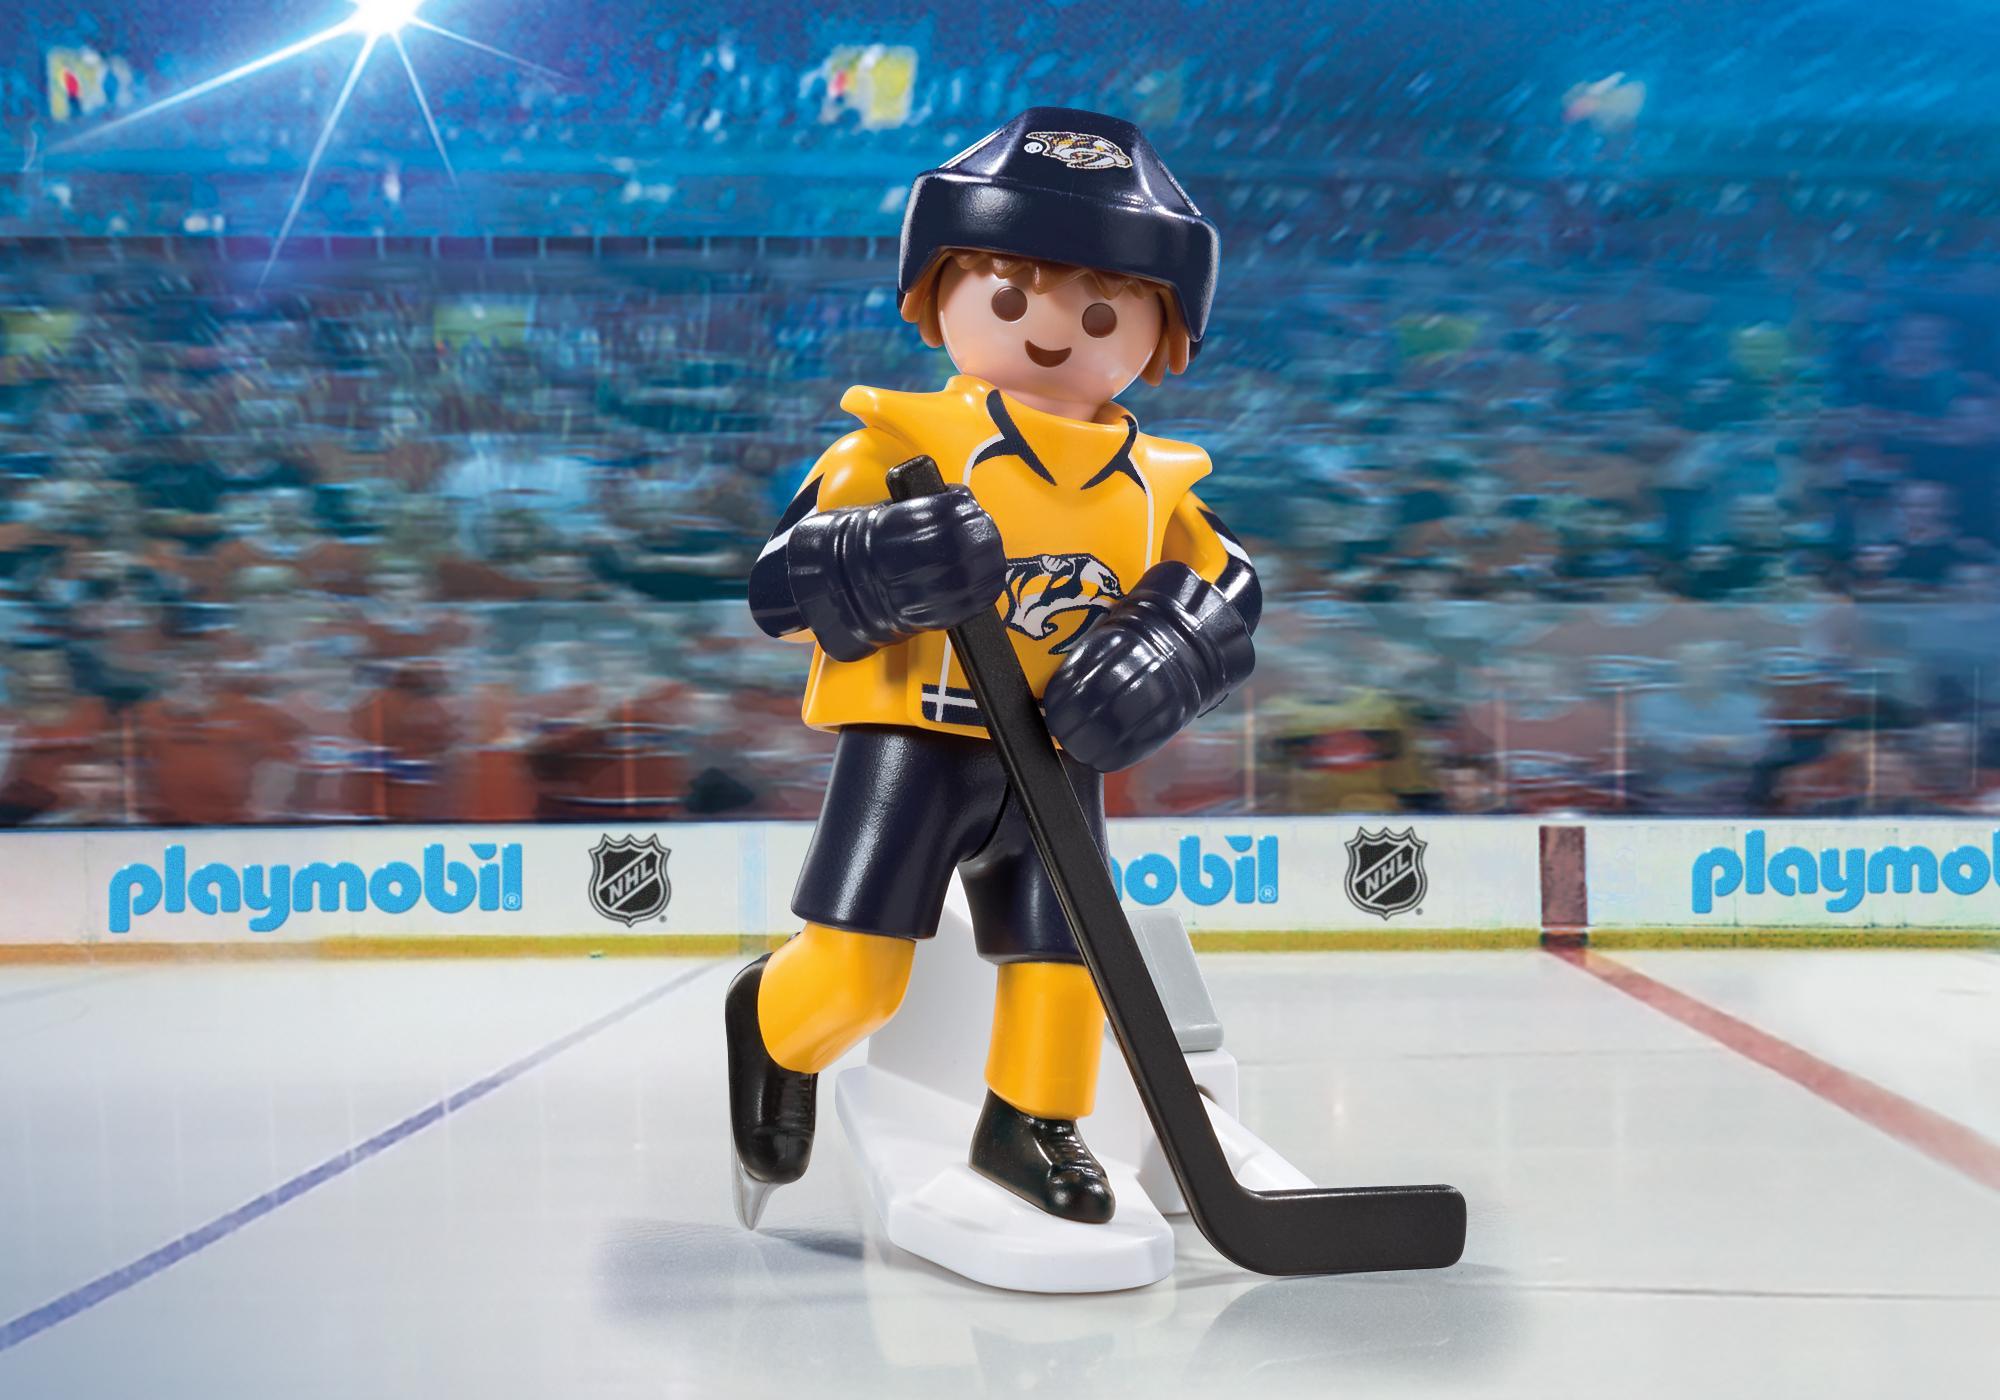 http://media.playmobil.com/i/playmobil/9196_product_detail/NHL® Nashville Predators® Player